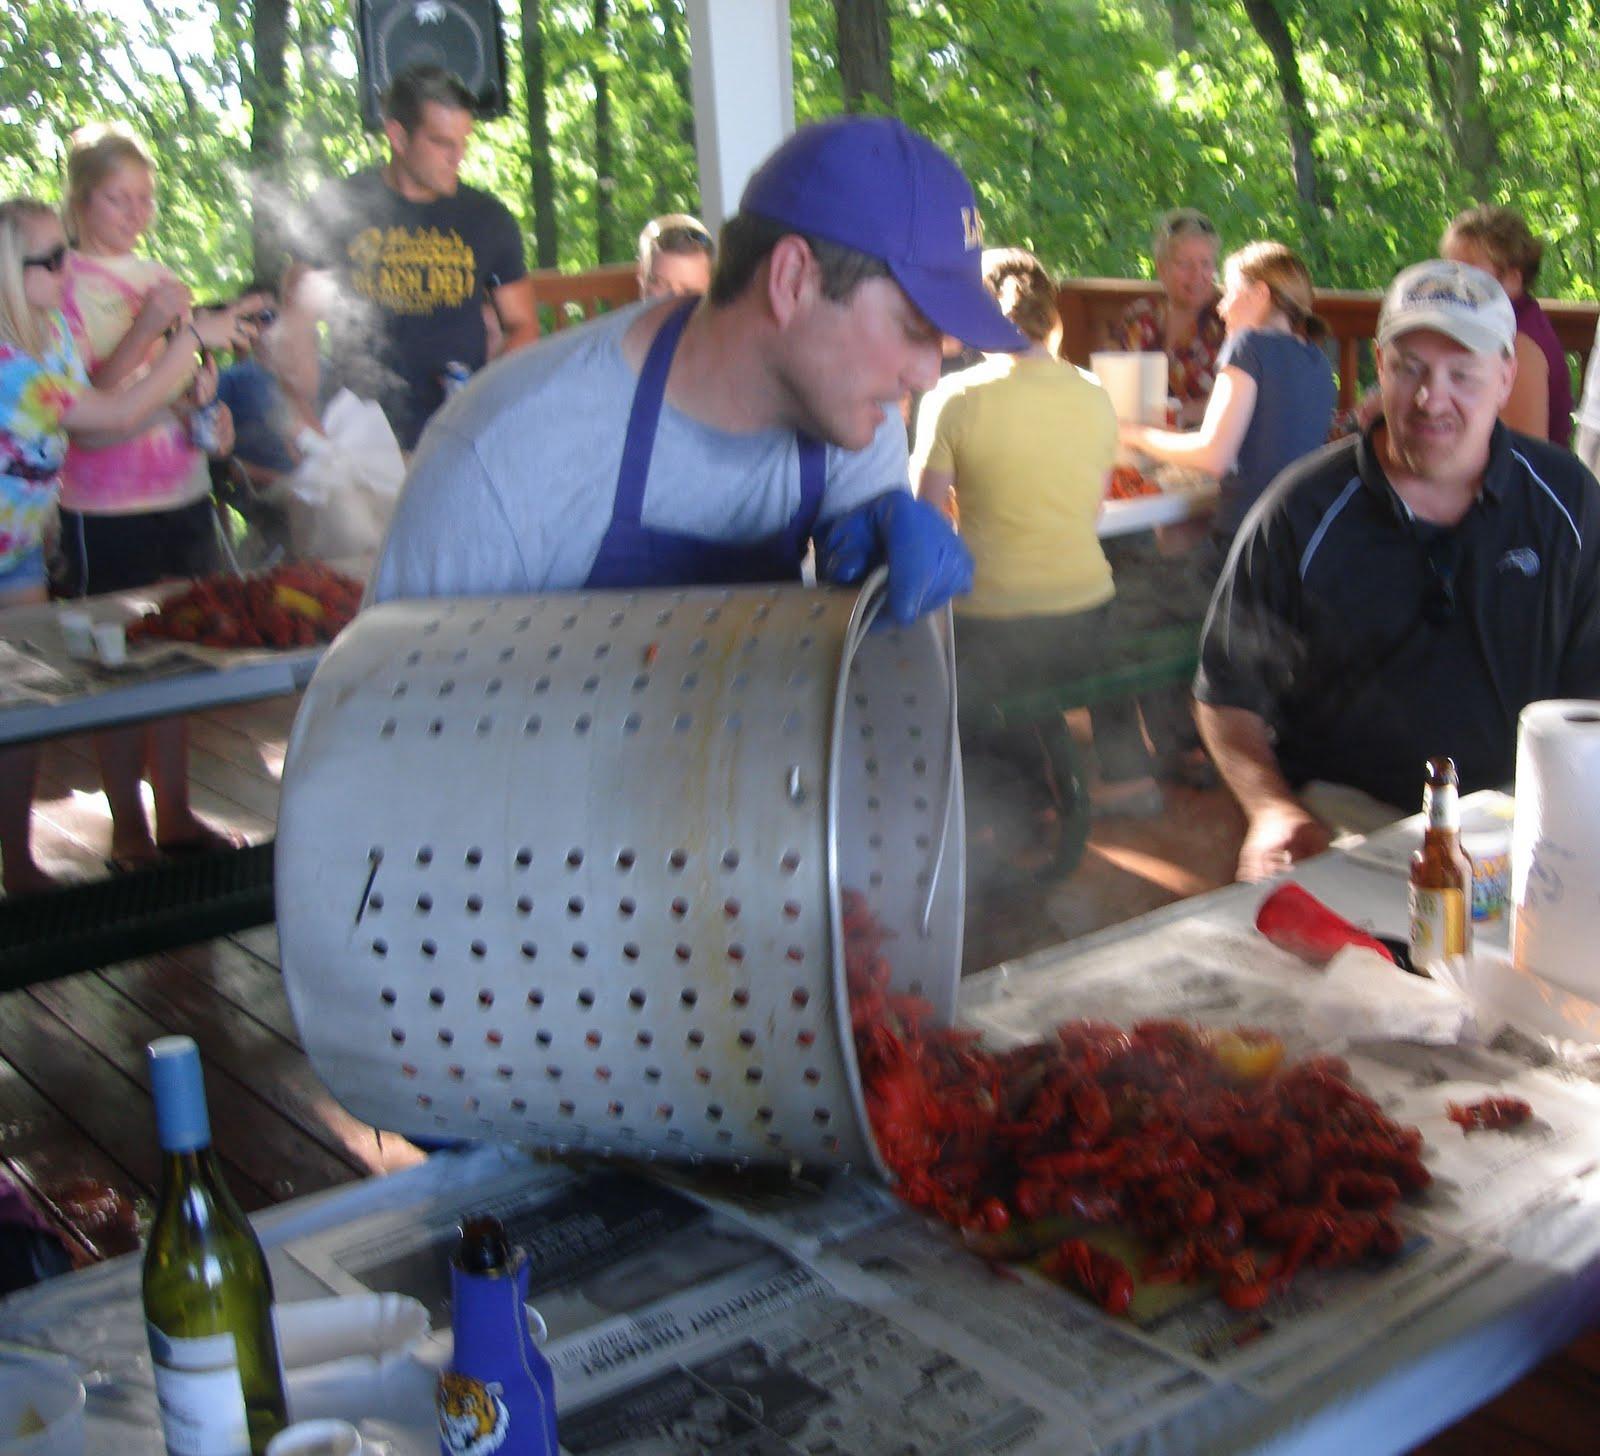 Blue's Clues: Crawfish Boil St. Louis Style